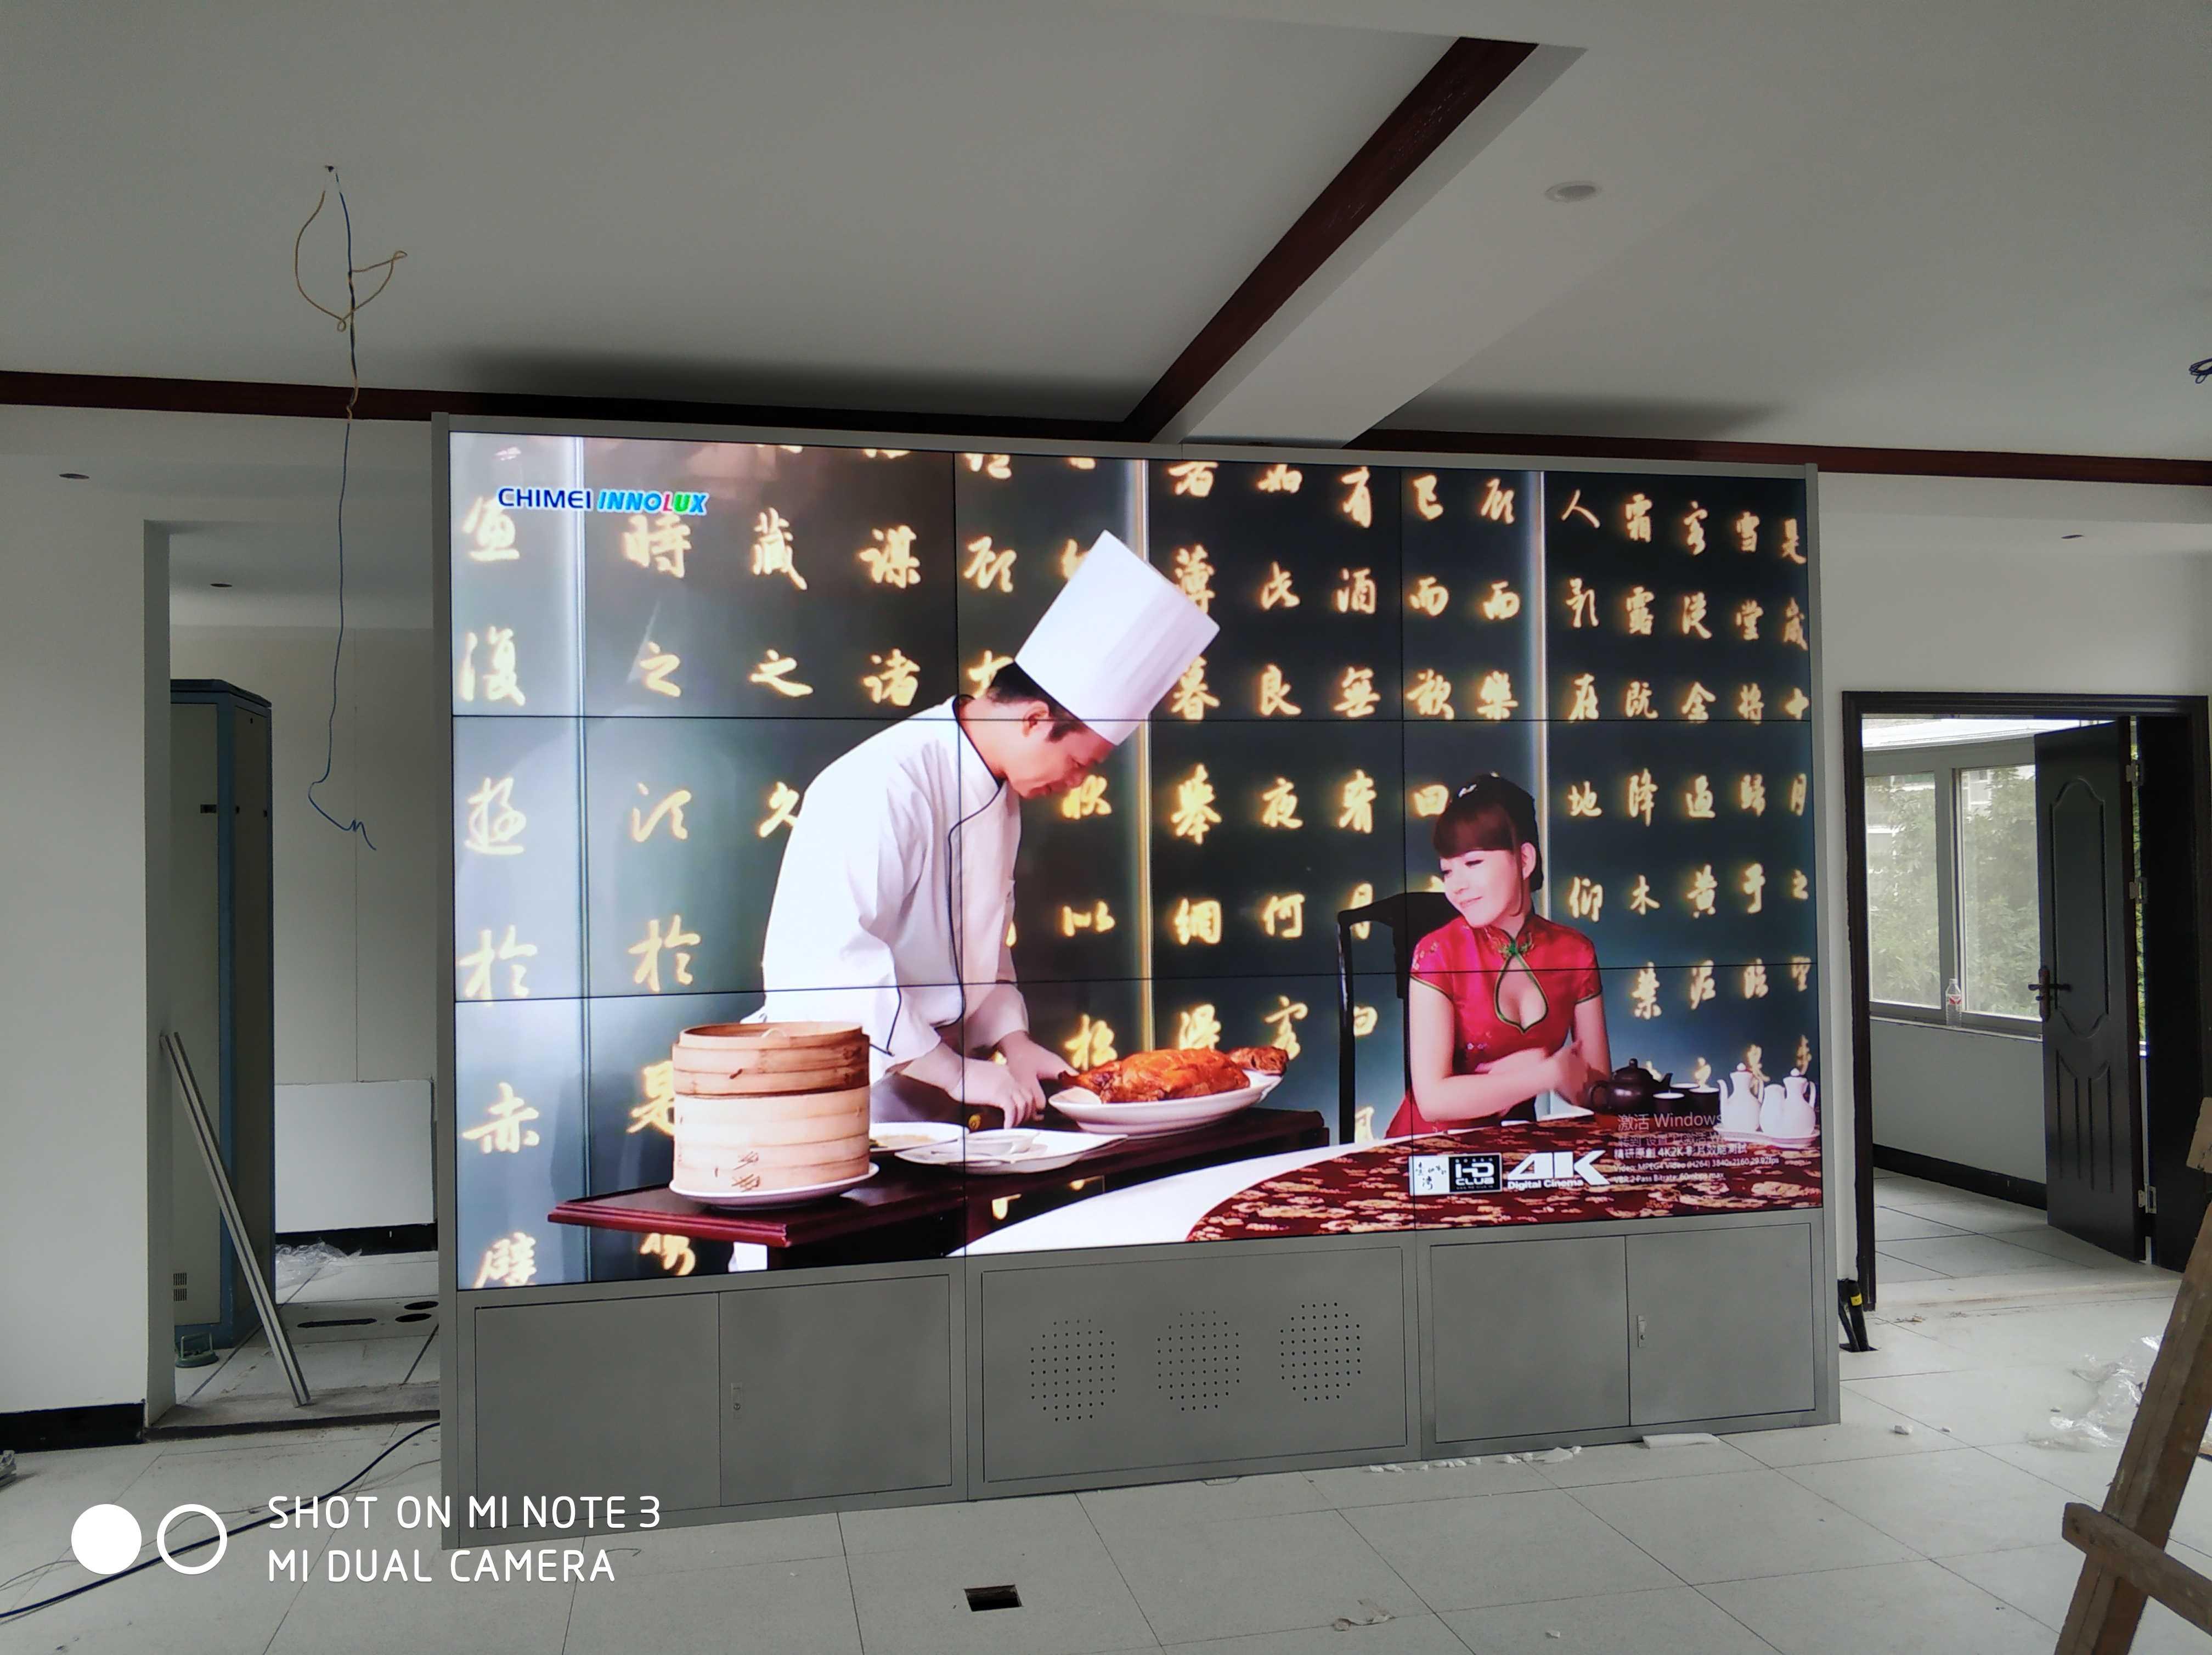 广西省白色市西林县发电分公司集中监控中心55寸3.5mm 3行3列